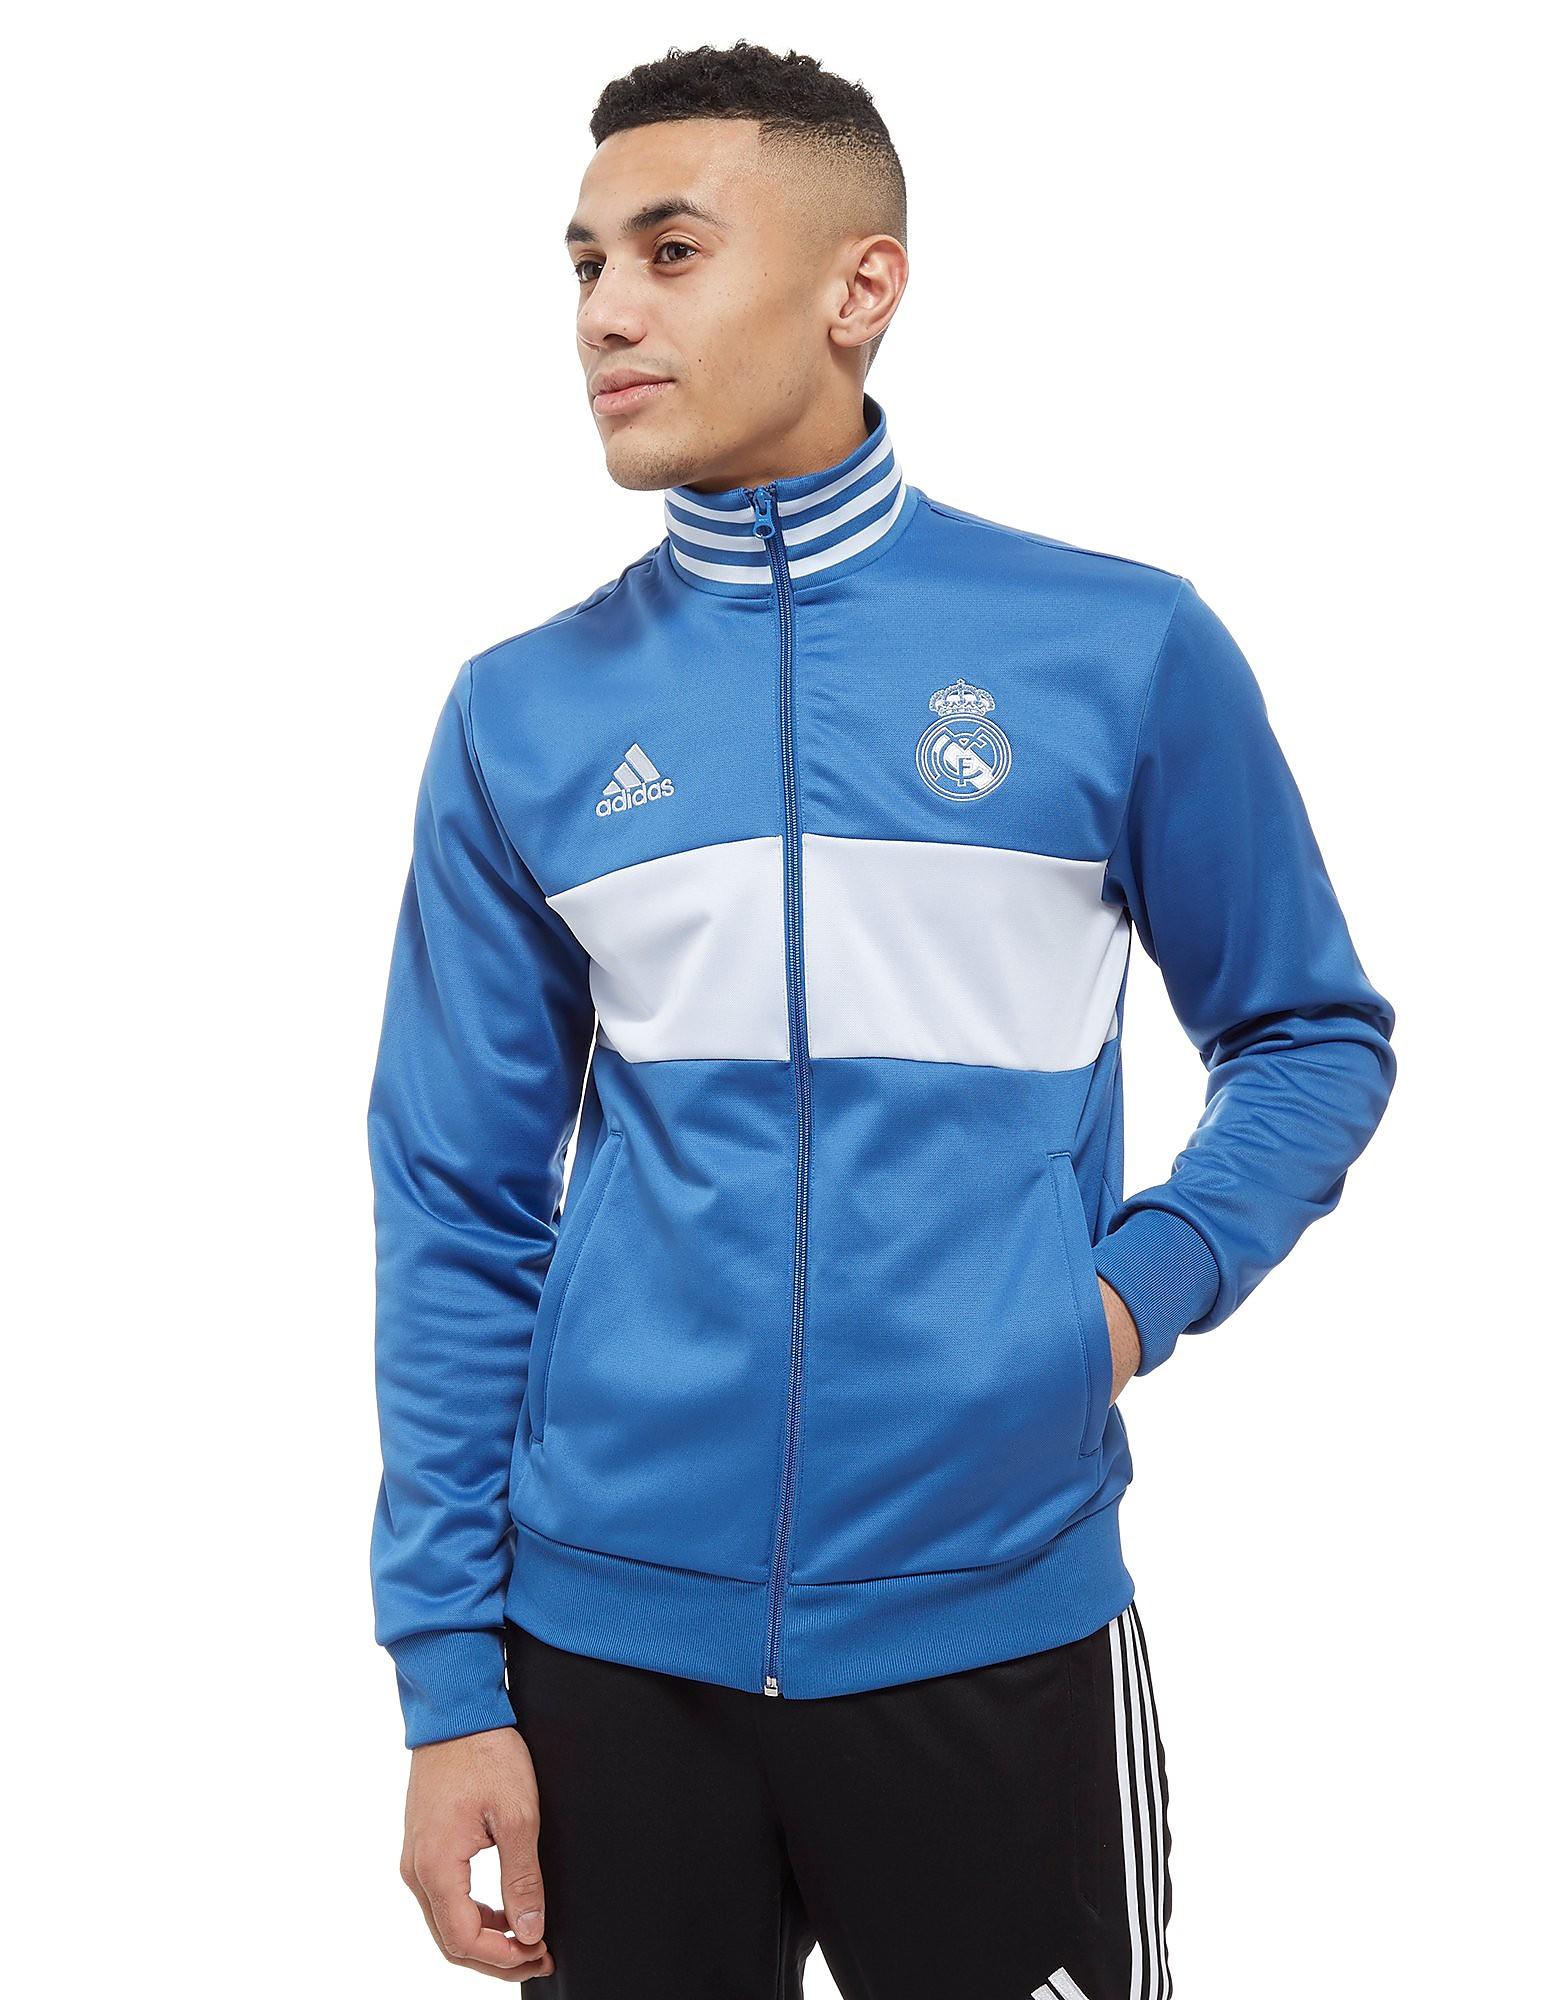 adidas Veste Real Madrid 3 Bandes Homme